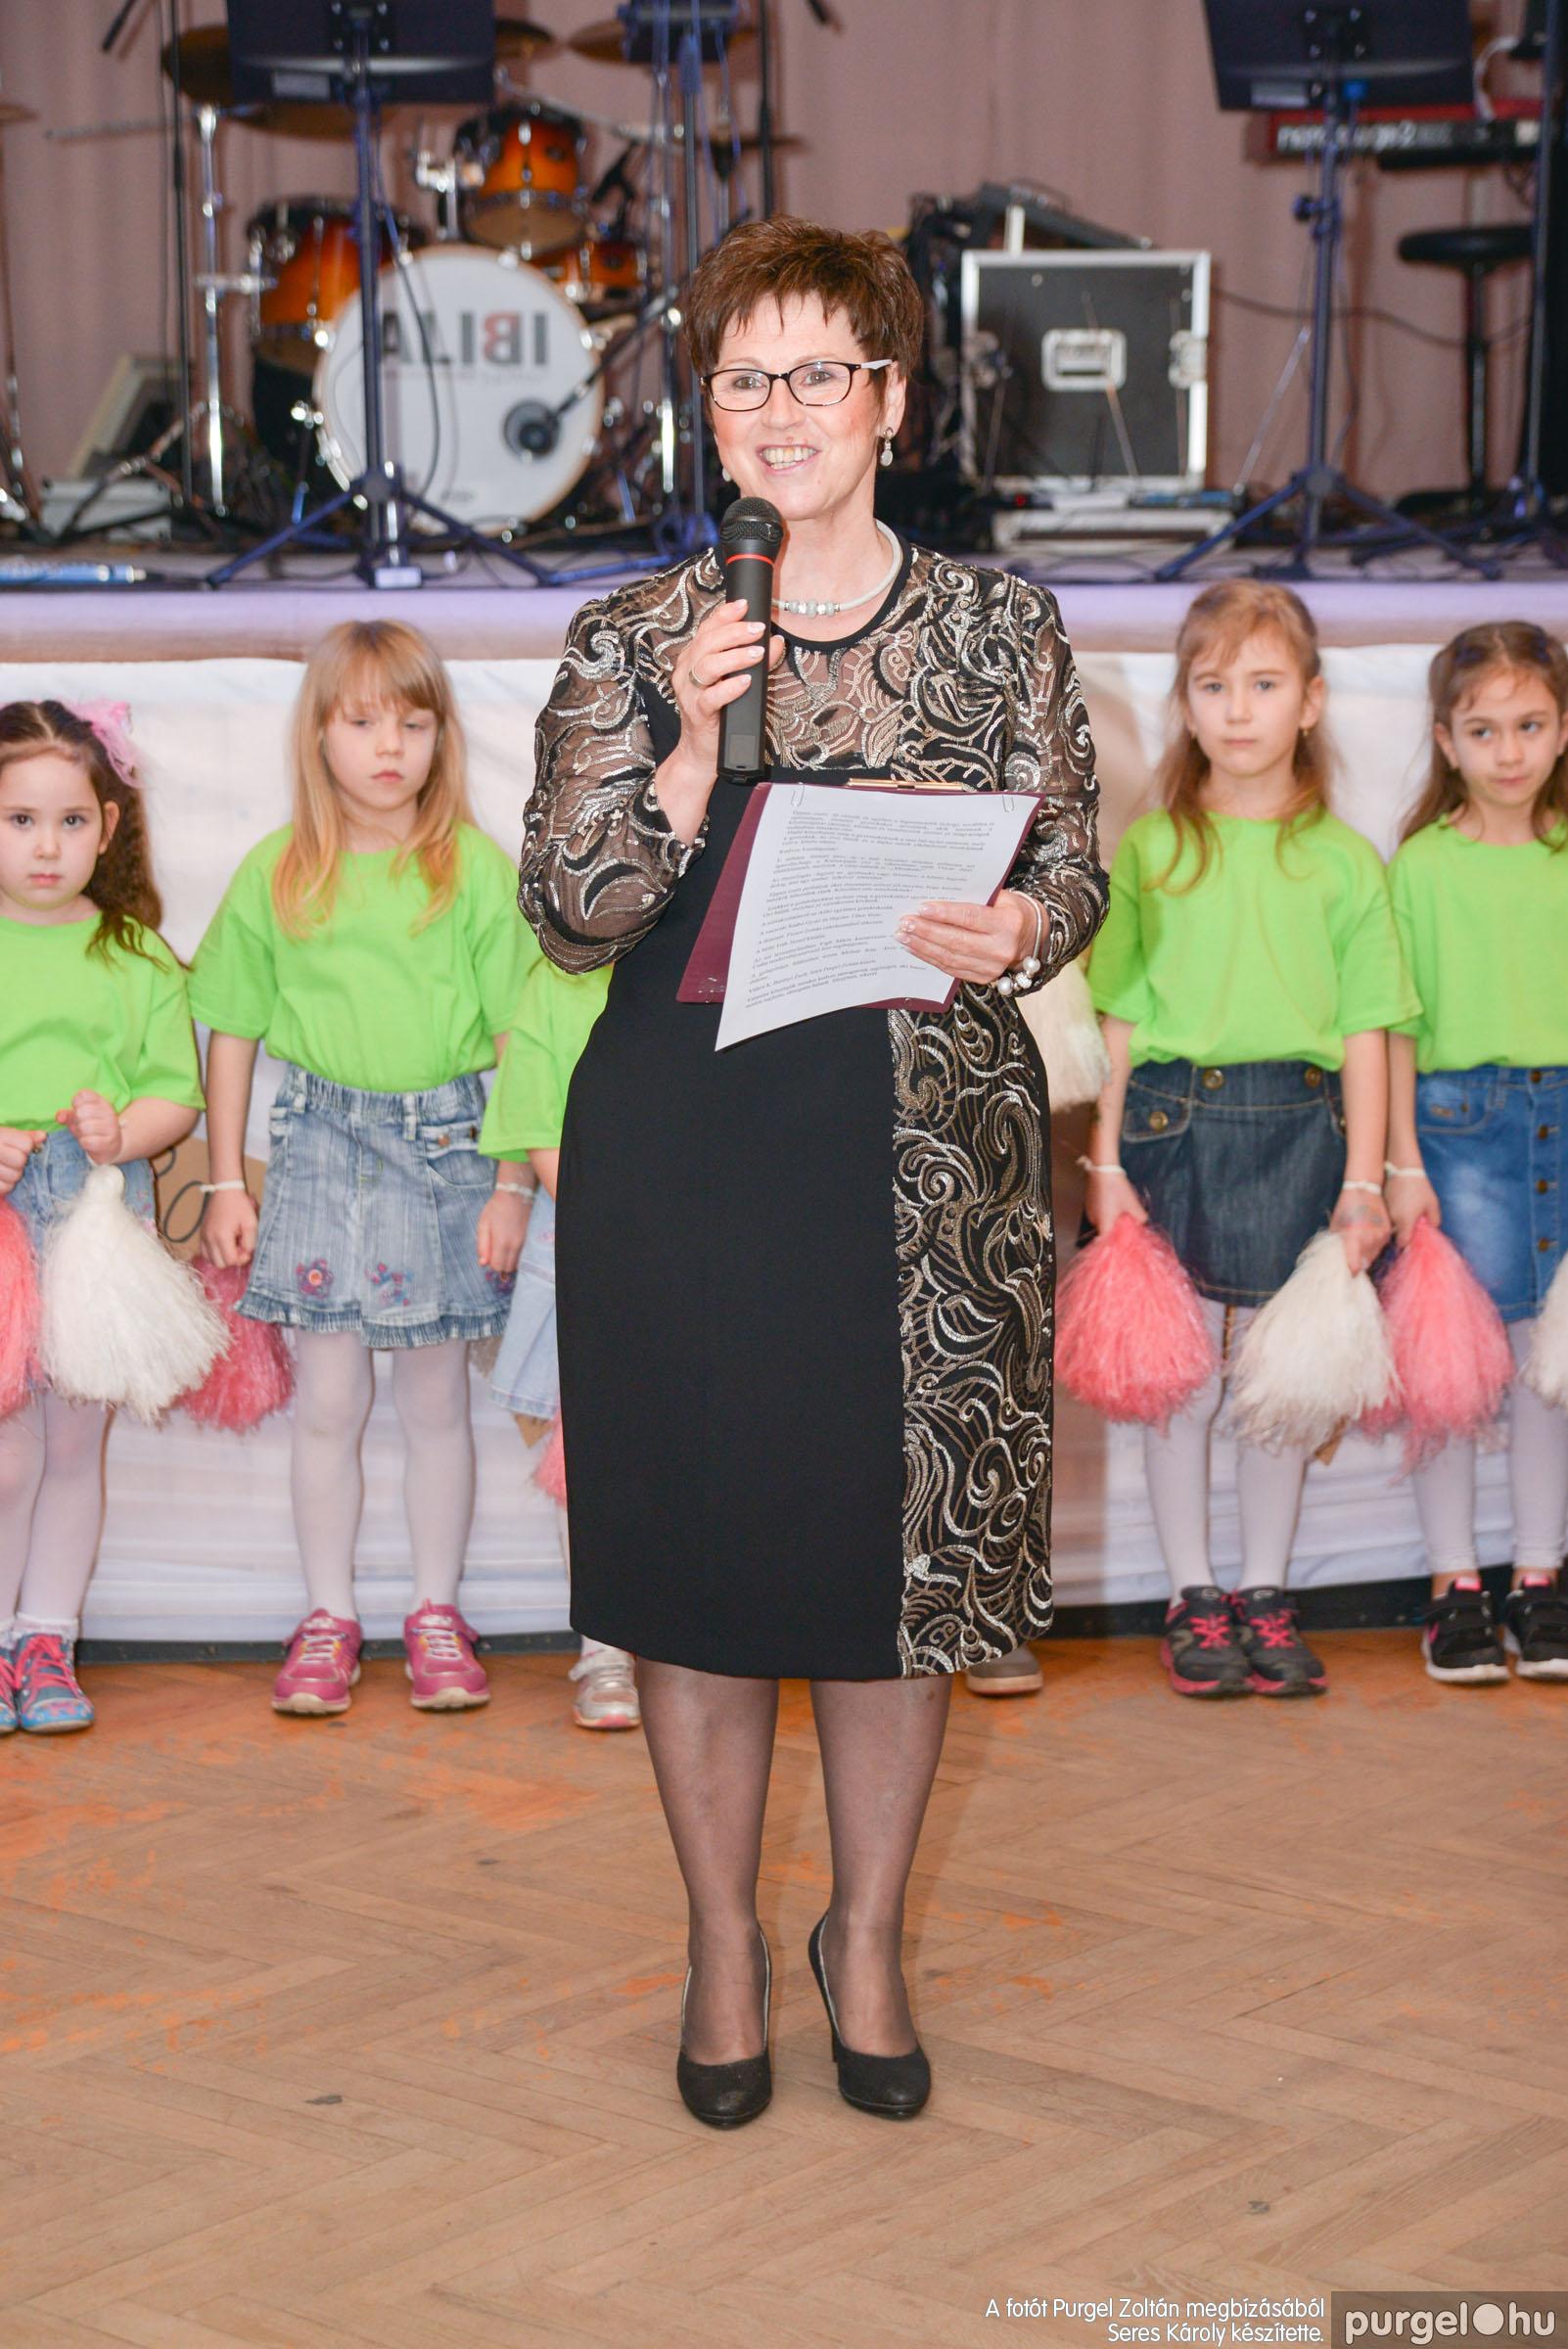 2017.03.11. 024 Kurca-parti Óvoda jótékonysági bál - Fotók:SERES KÁROLY© DSC_8411.jpg